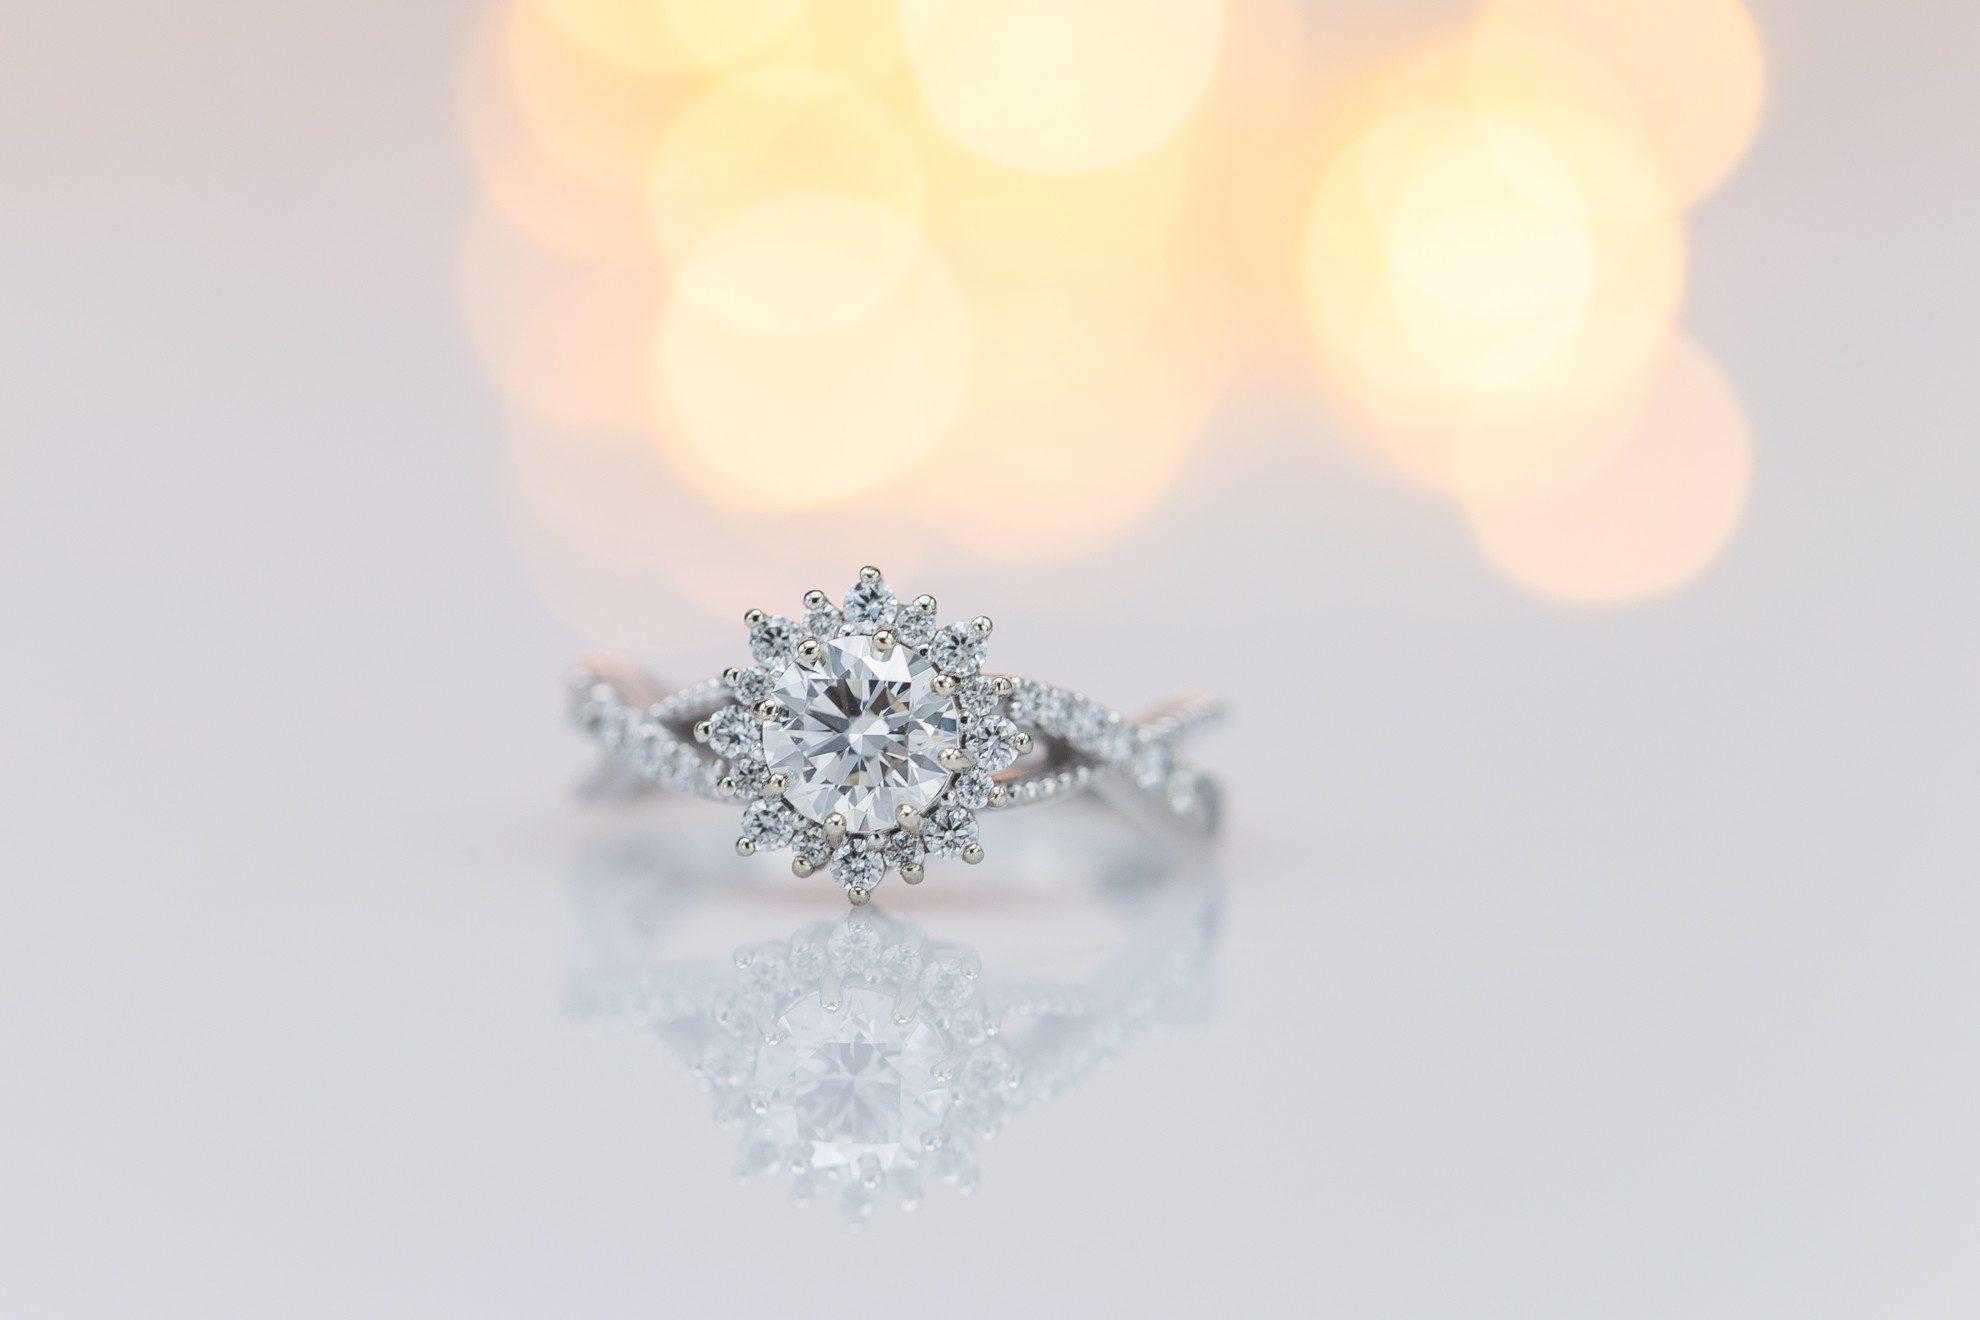 engagement ring setting - twisted pave shank with sunburst halo